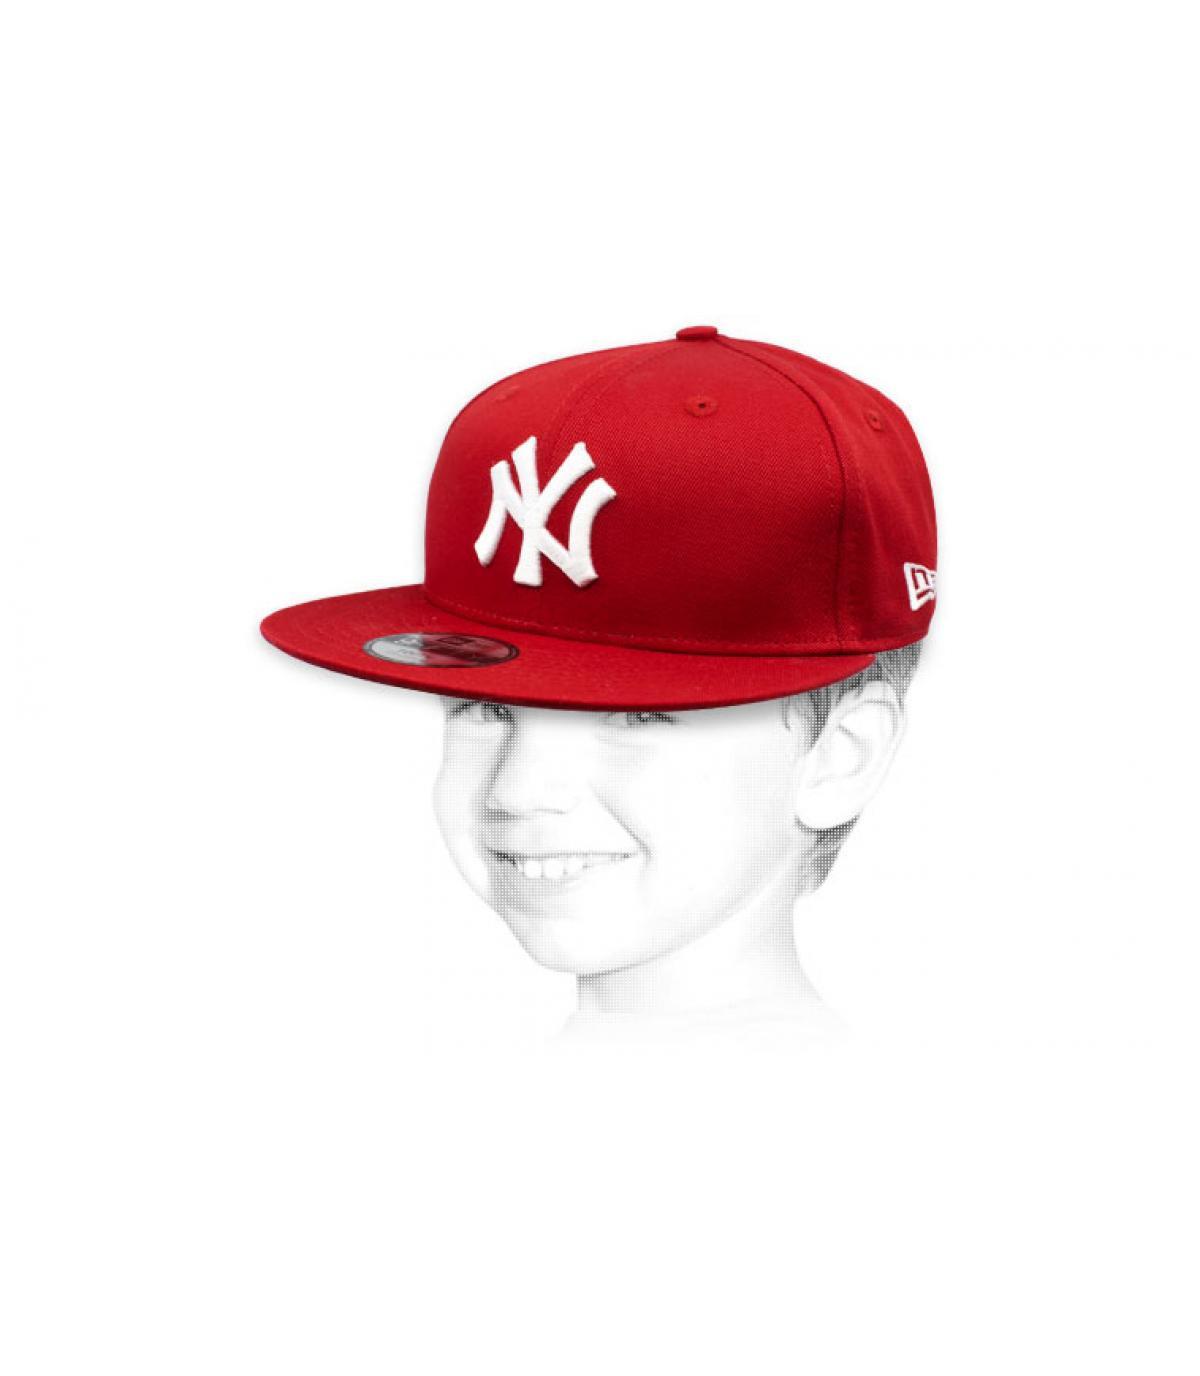 gorra infantil NY rojo blanco